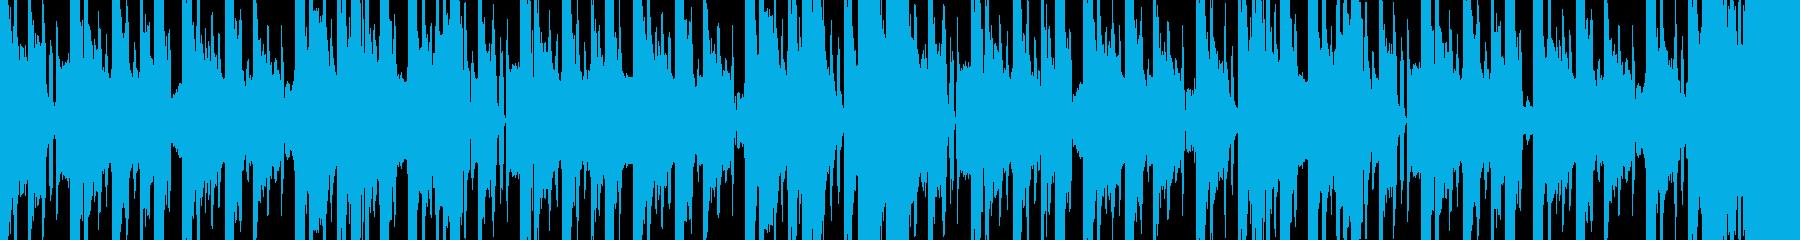 カオスなシンセビートの再生済みの波形